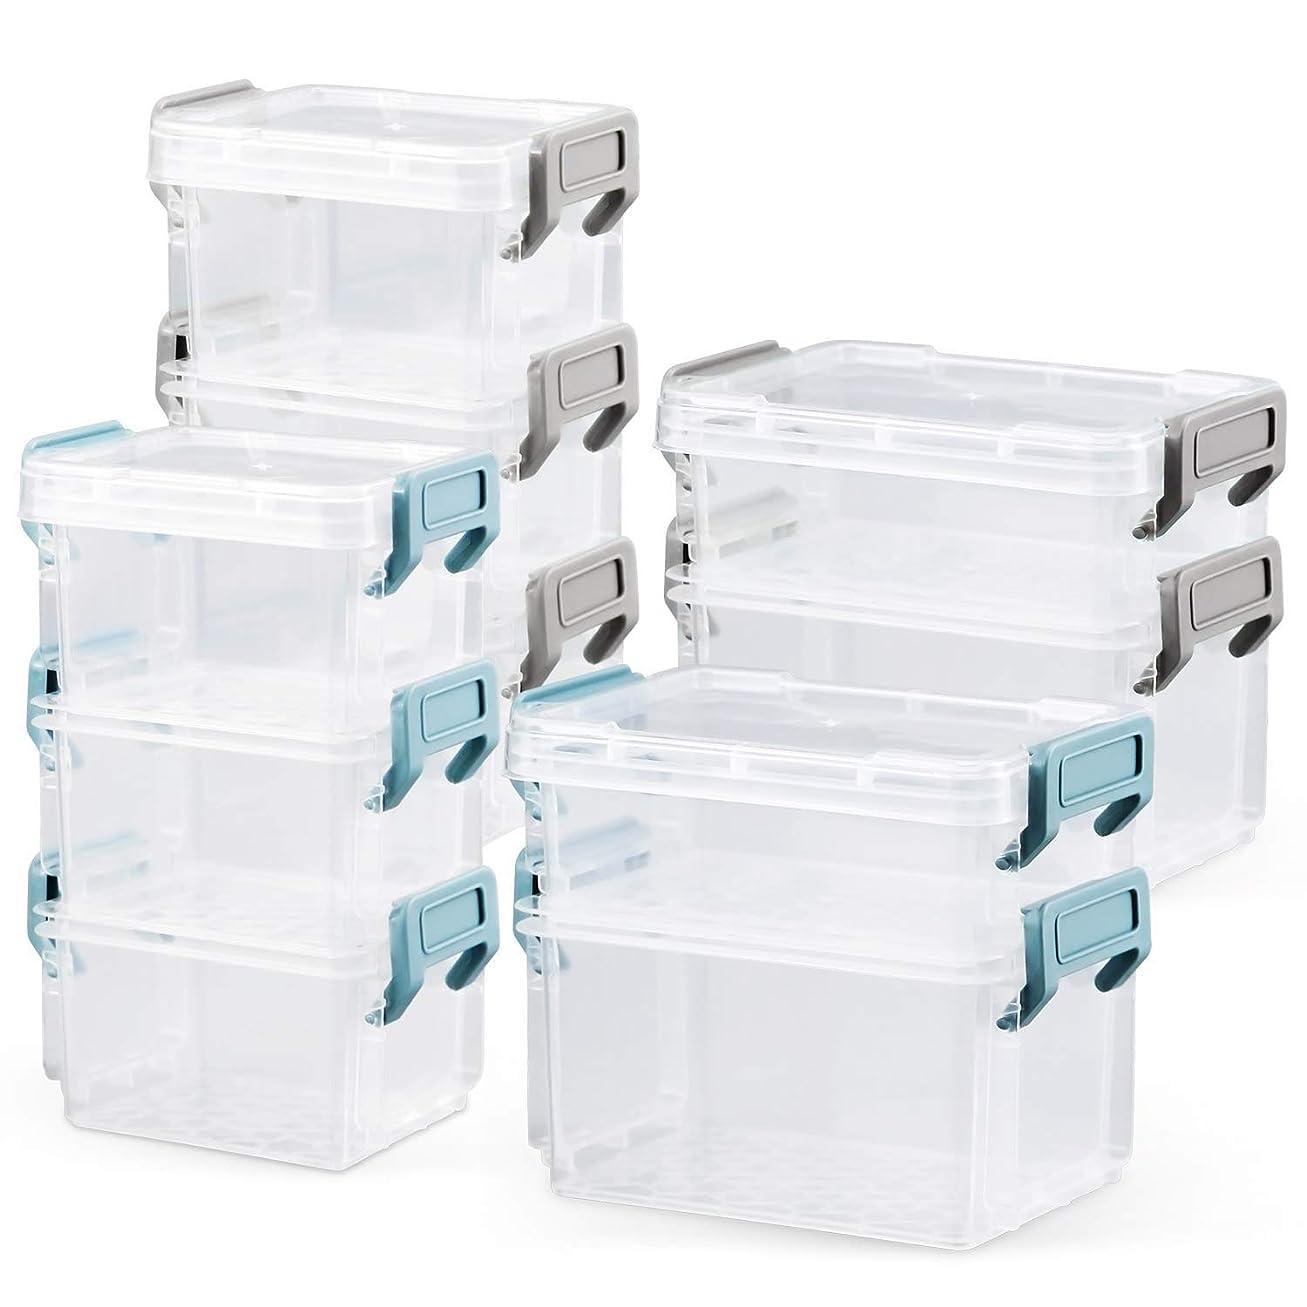 変動する内訳インサートHULISEN プラスチック 収納ケース 小物用収納ボックス ビーズ パーツ 小物入れ (2サイズセット)